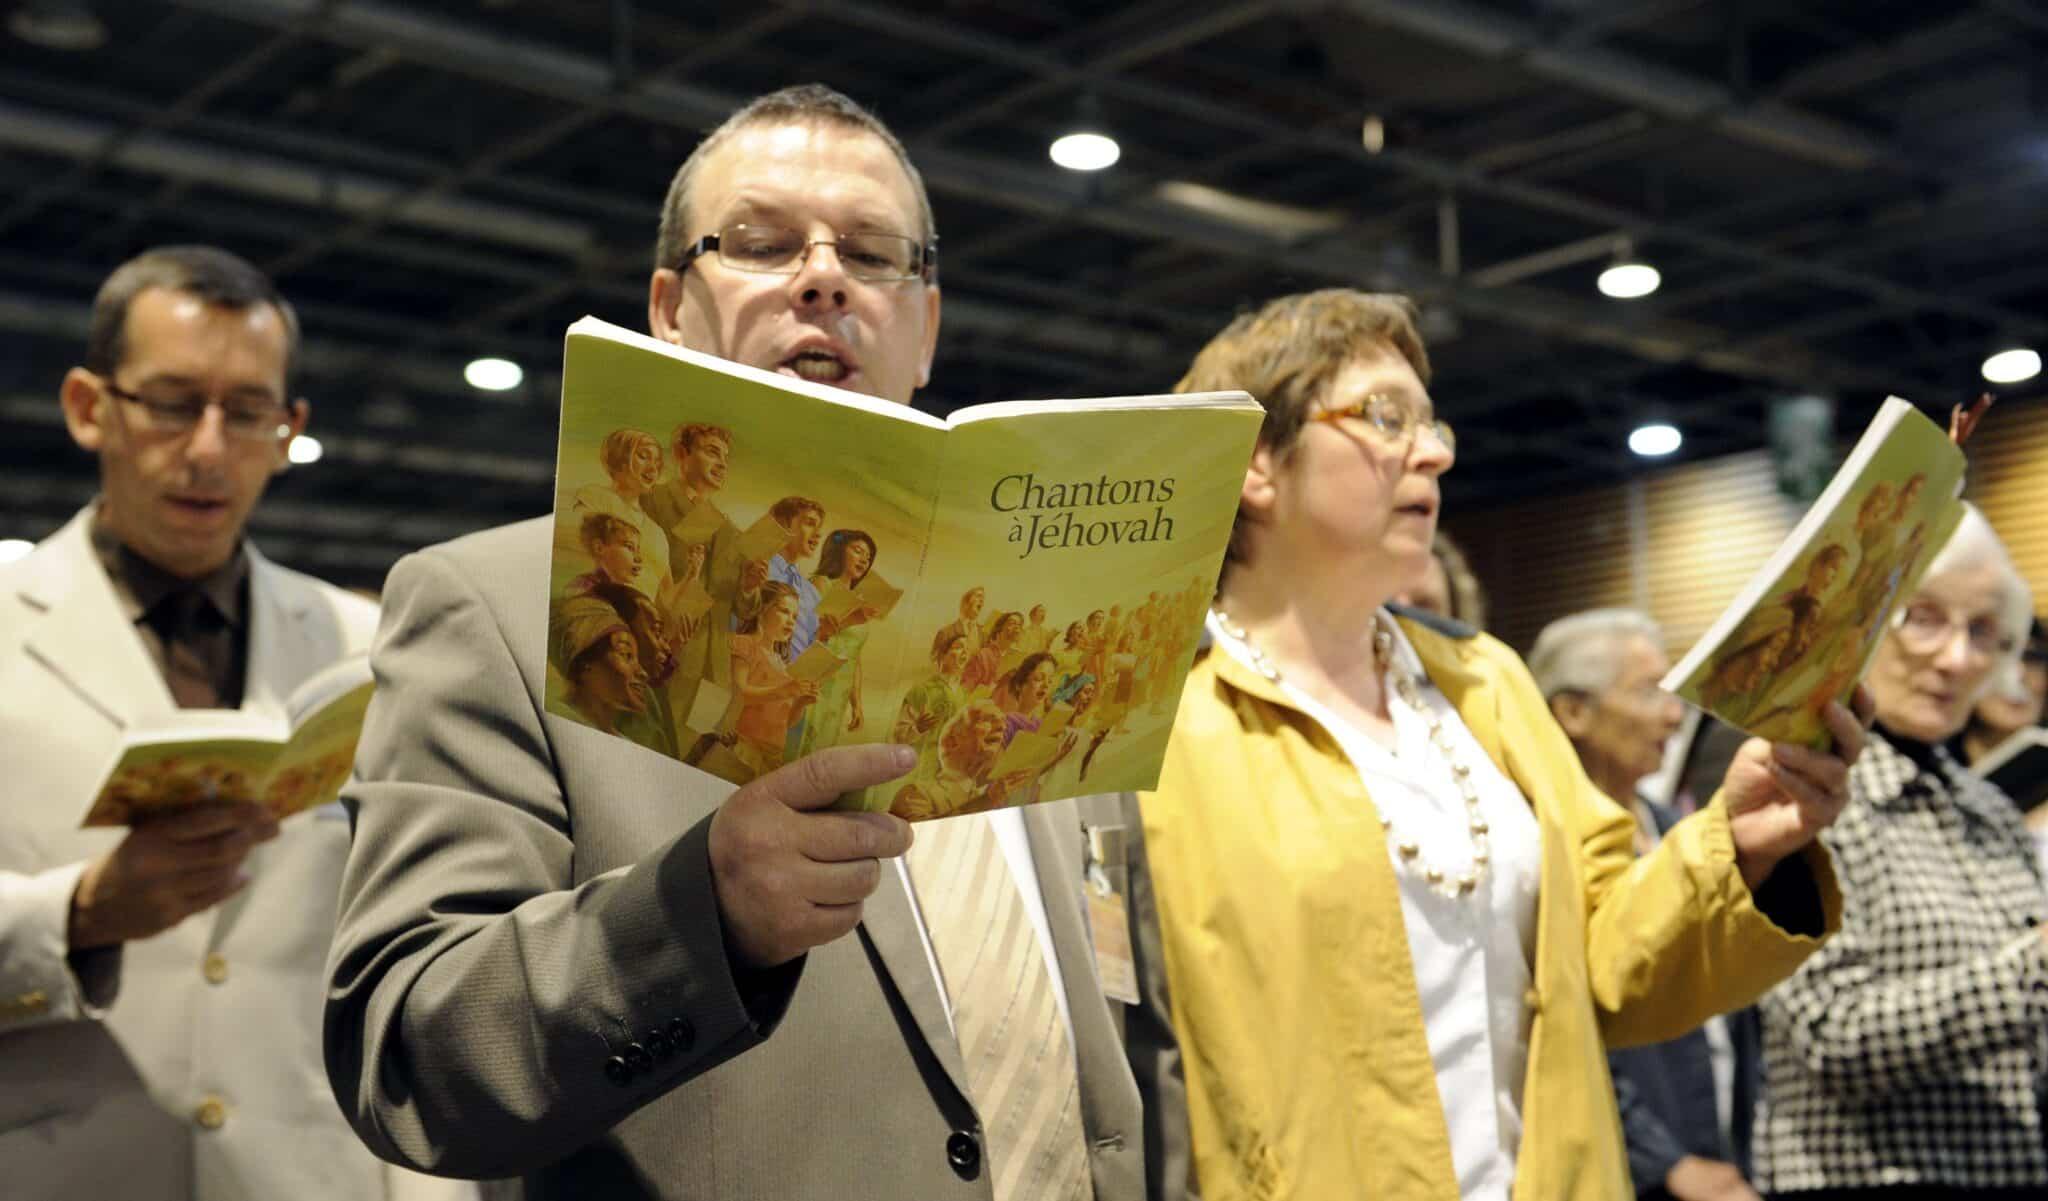 Свидетелей Иегова преследуют власти по всей России